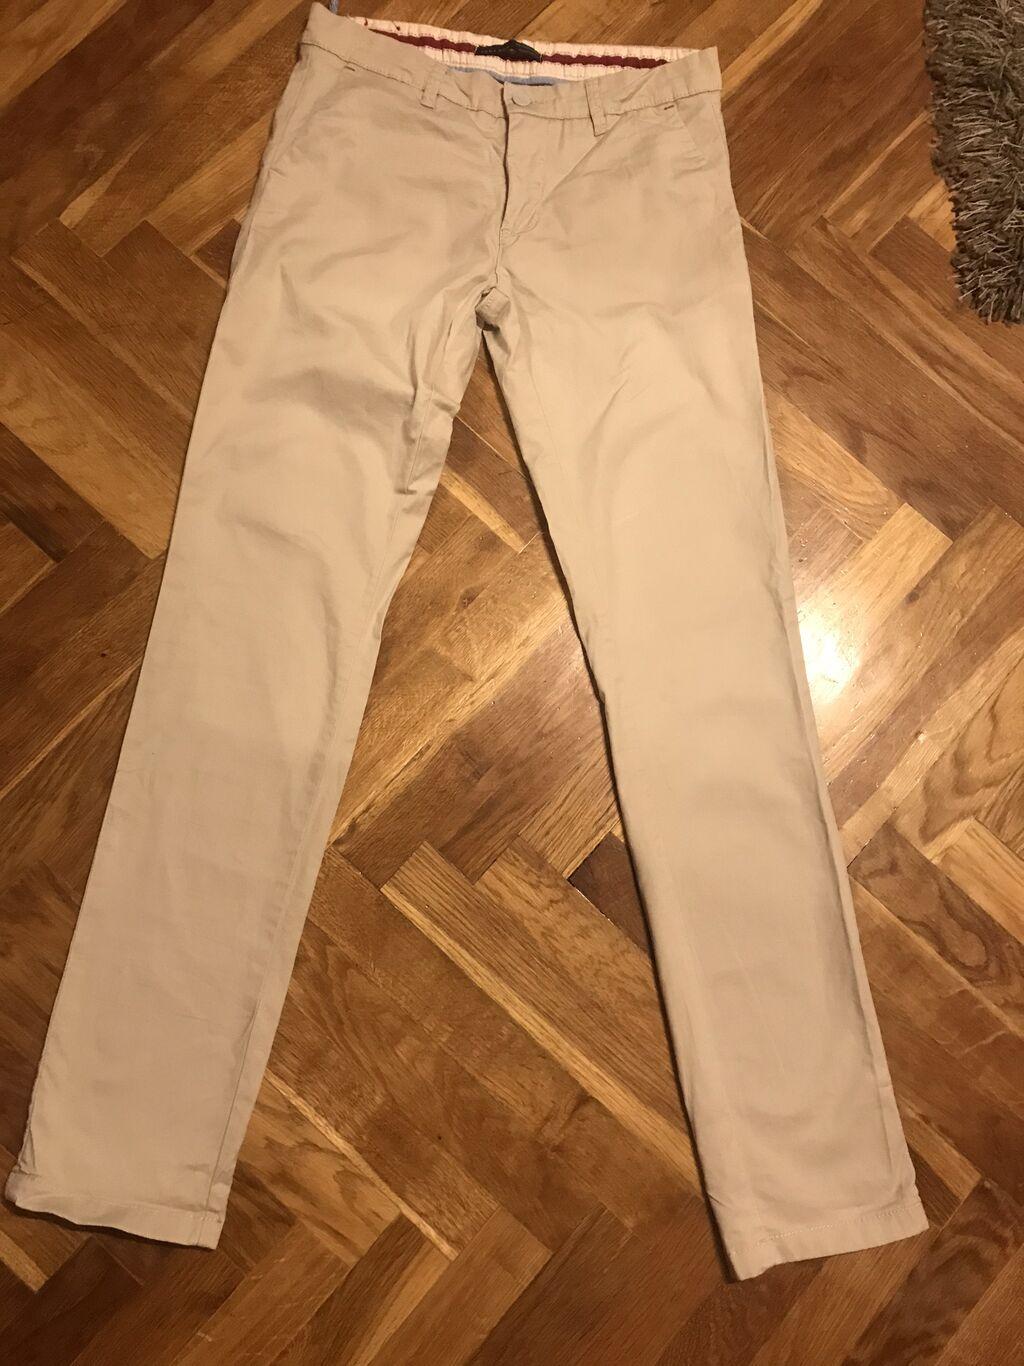 Zarine muske pantalone- brat ih je nosio samo za matursko vece, nakon toga ih je prerastao